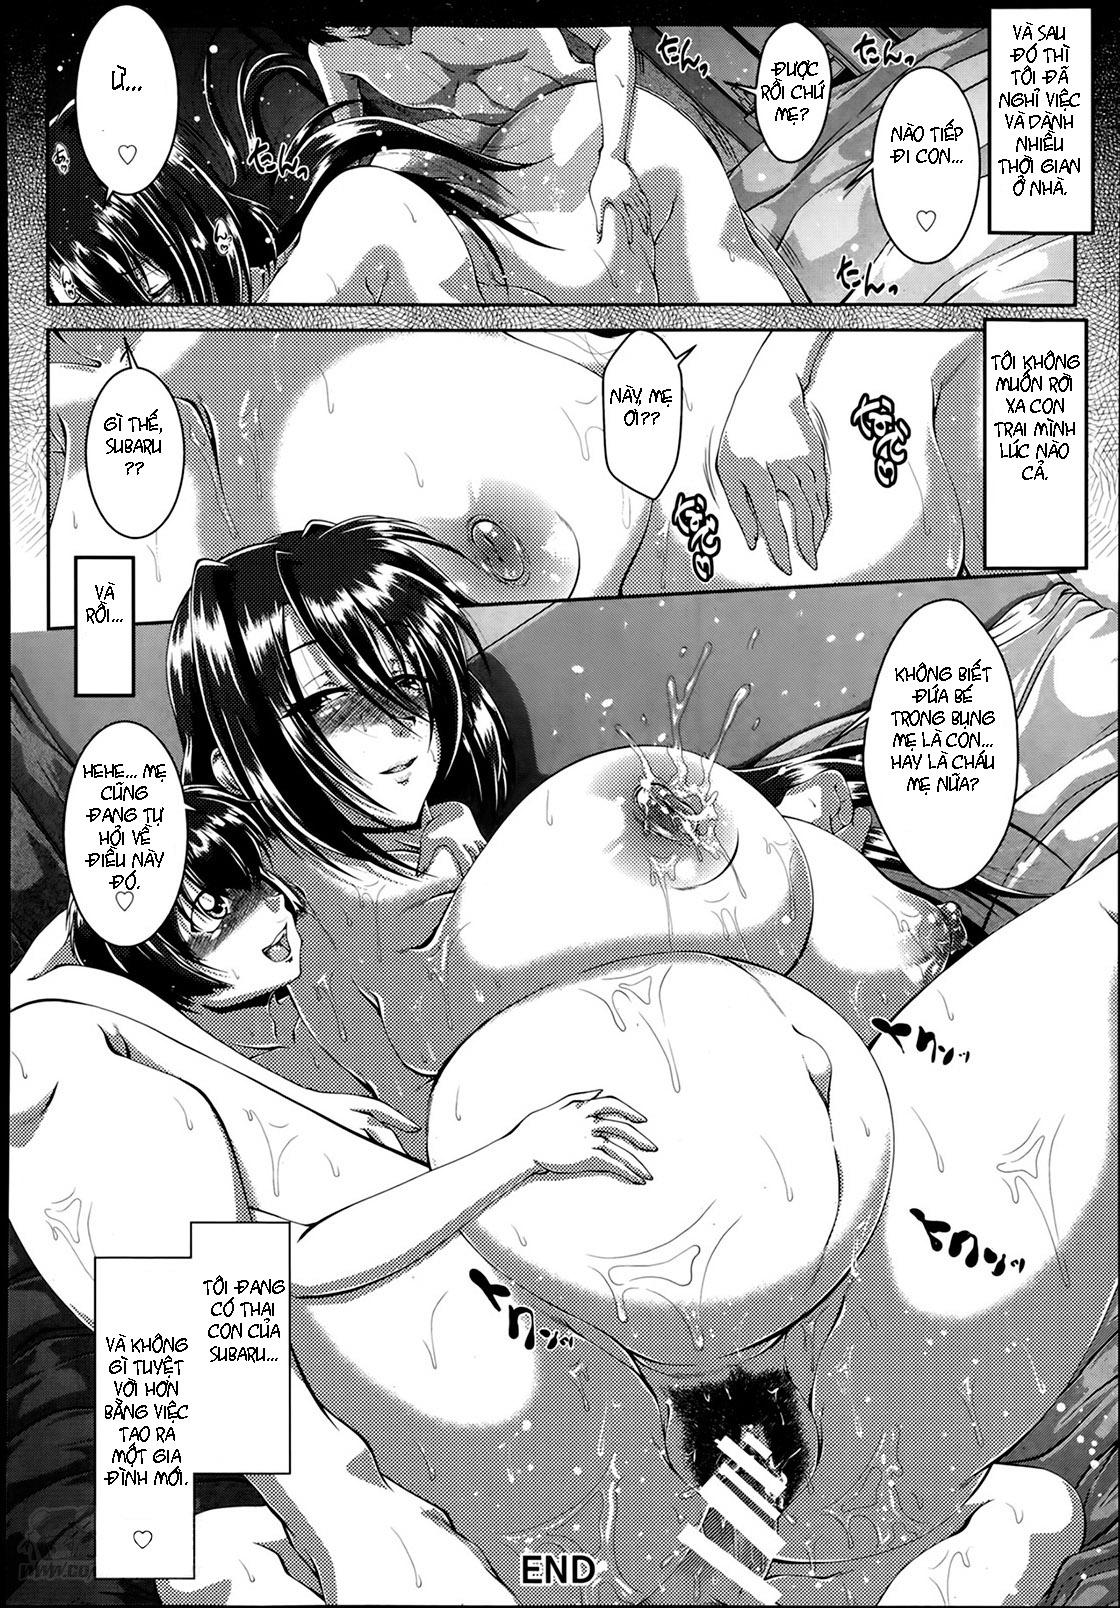 Hình ảnh  trong bài viết Musuko Kui ~Enbo no Inwaku